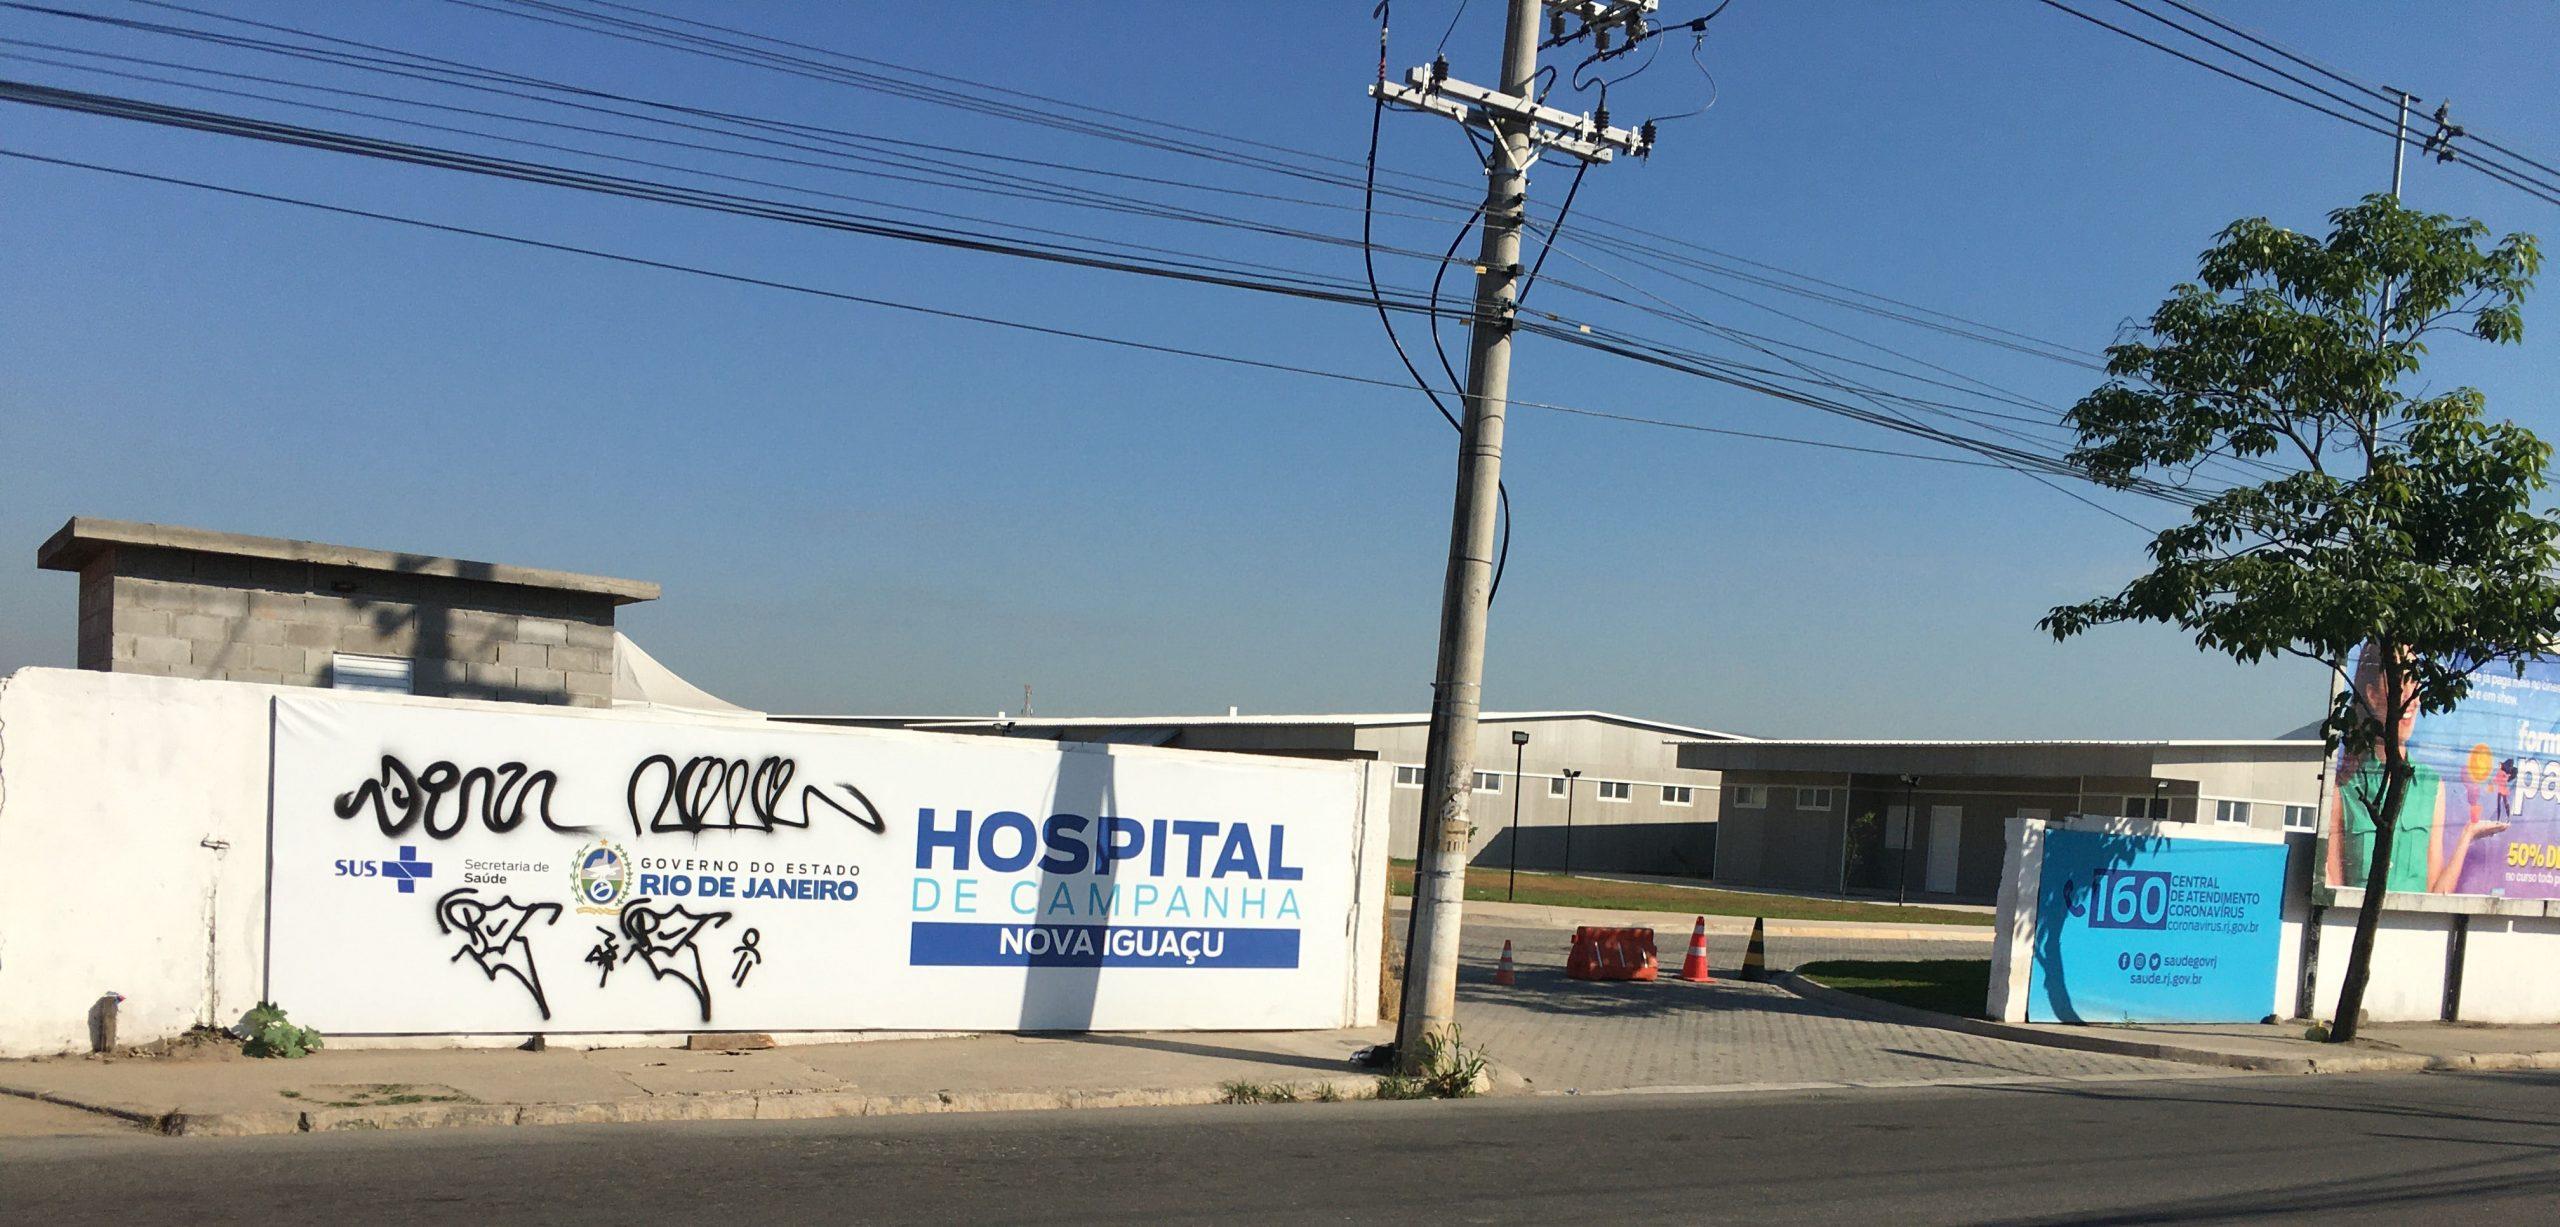 Hospital de Campanha de Nova Iguaçu vai ser fechado sem nunca ter funcionado e fica no ar uma pergunta: Quem arcará com o prejuízo?